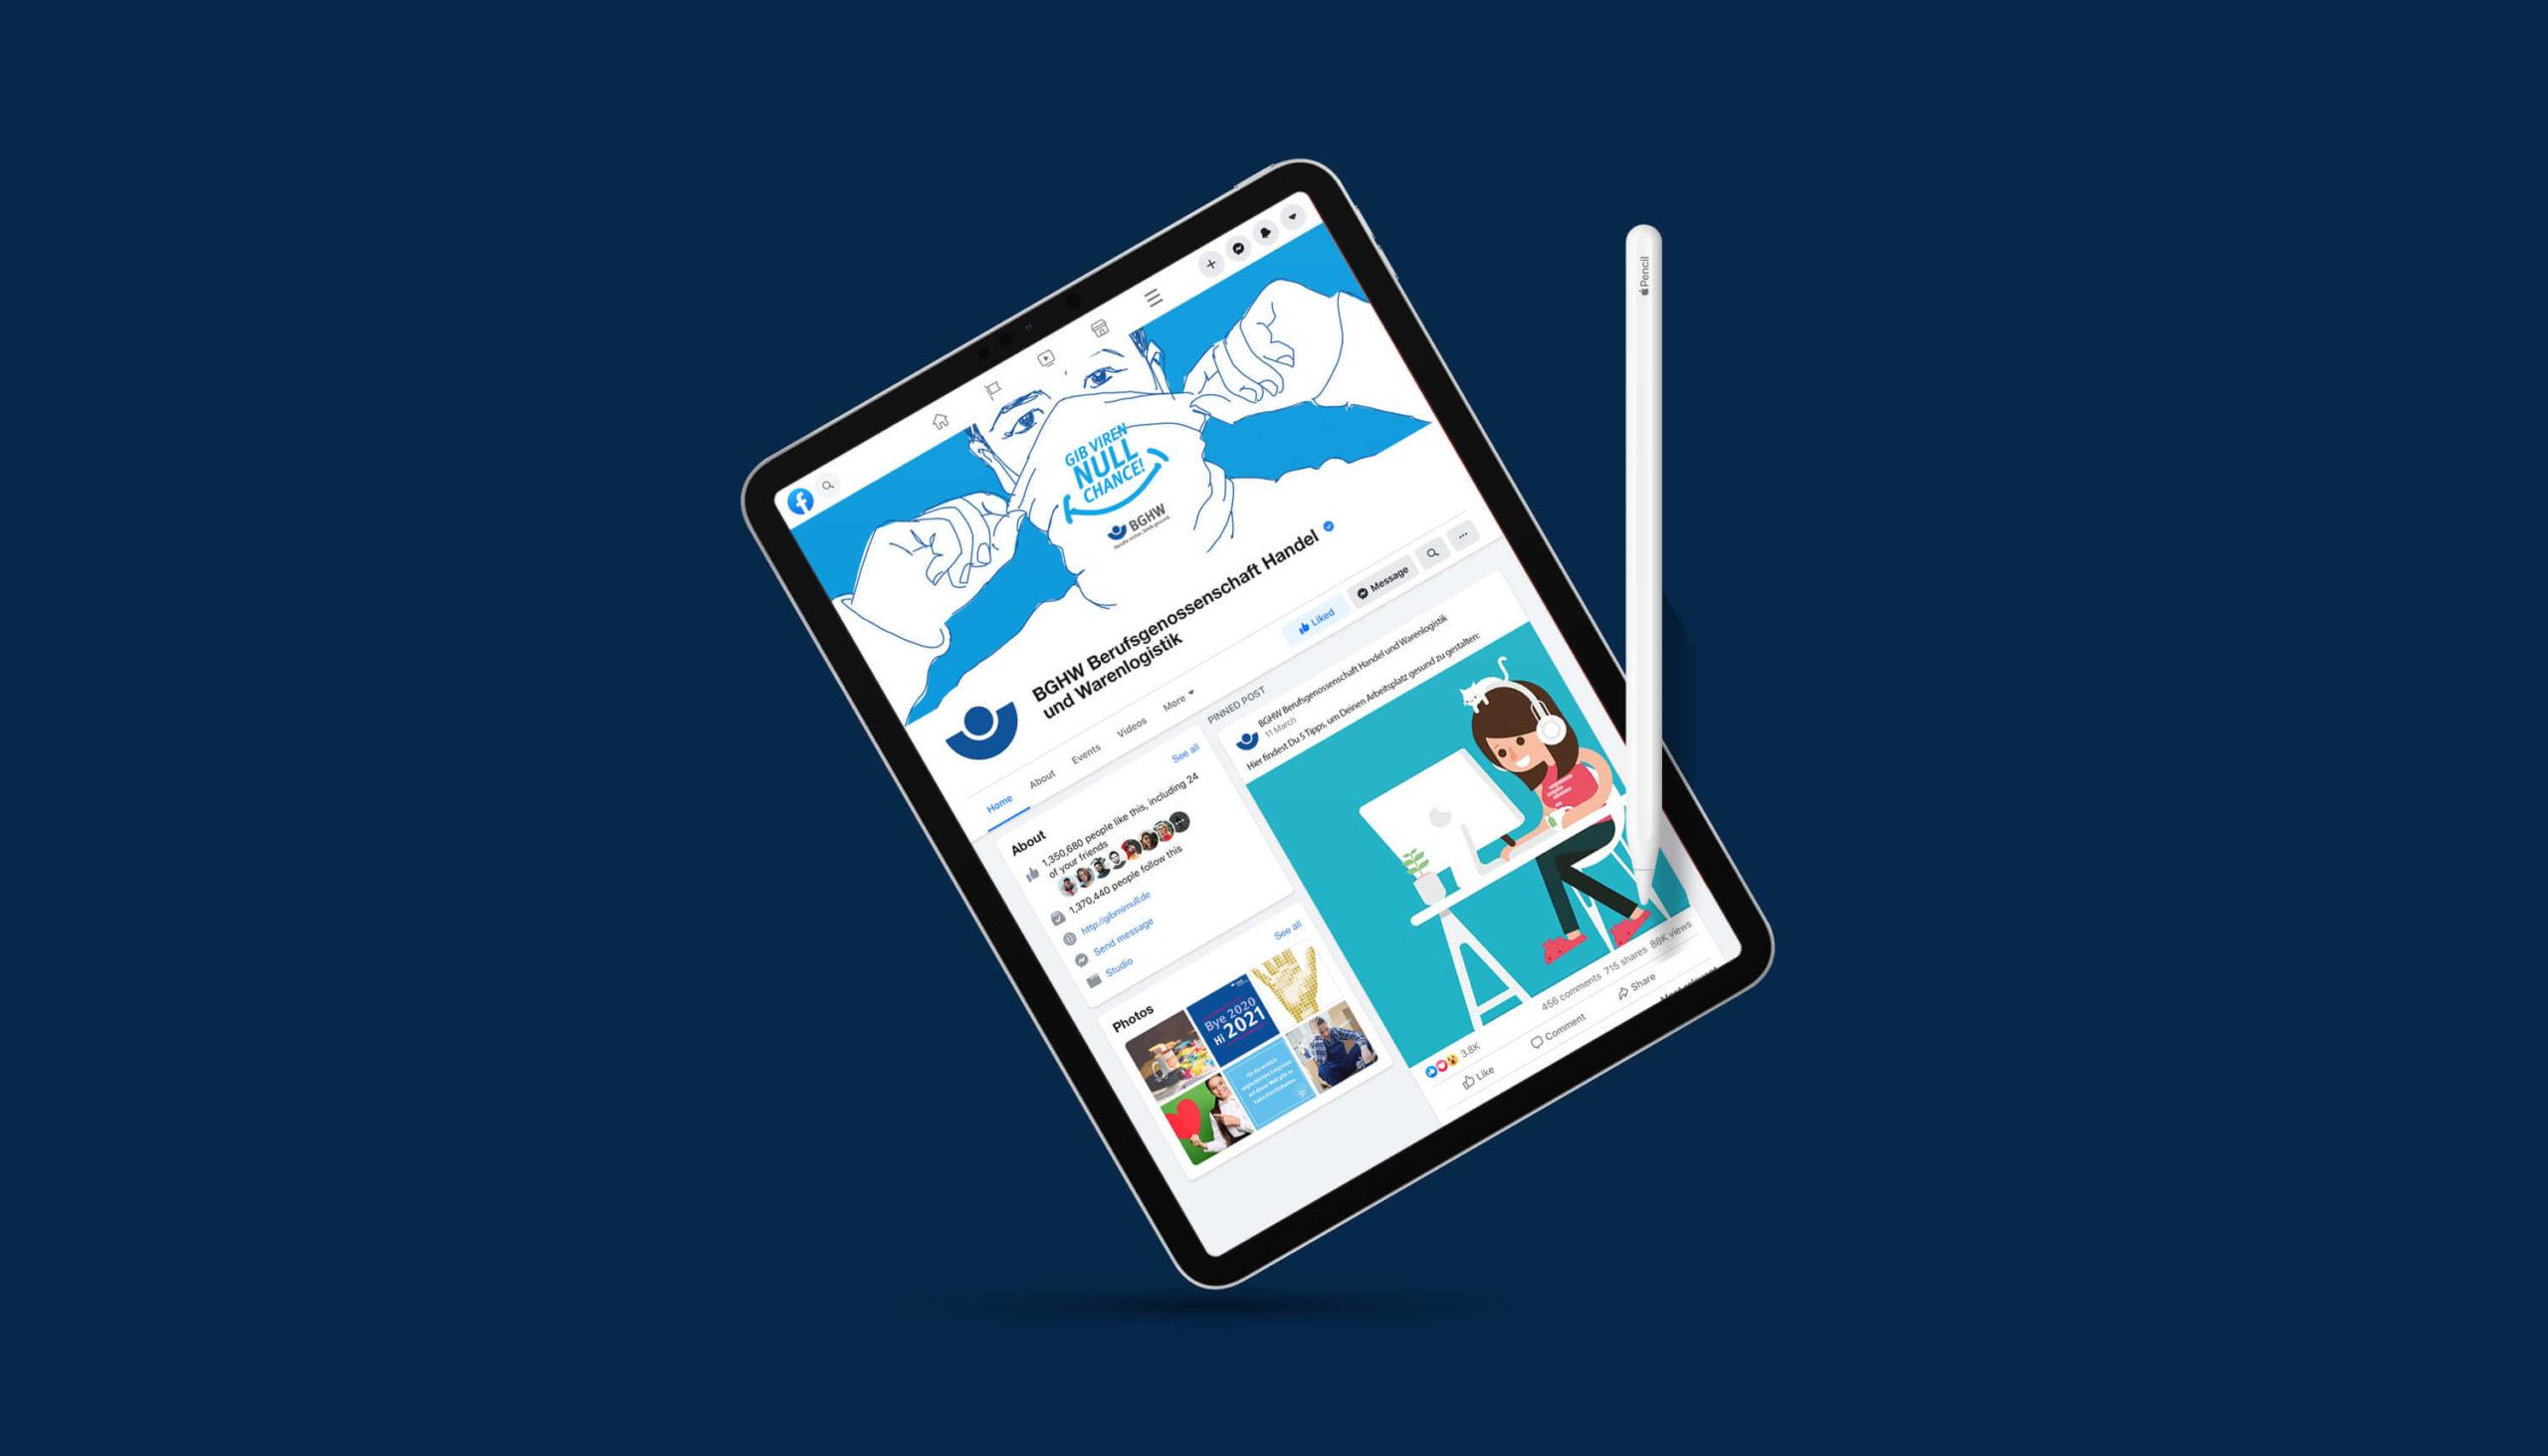 BGHW Gib Viren null Chance Webdesign Mobileversion Tablet Responsive Design